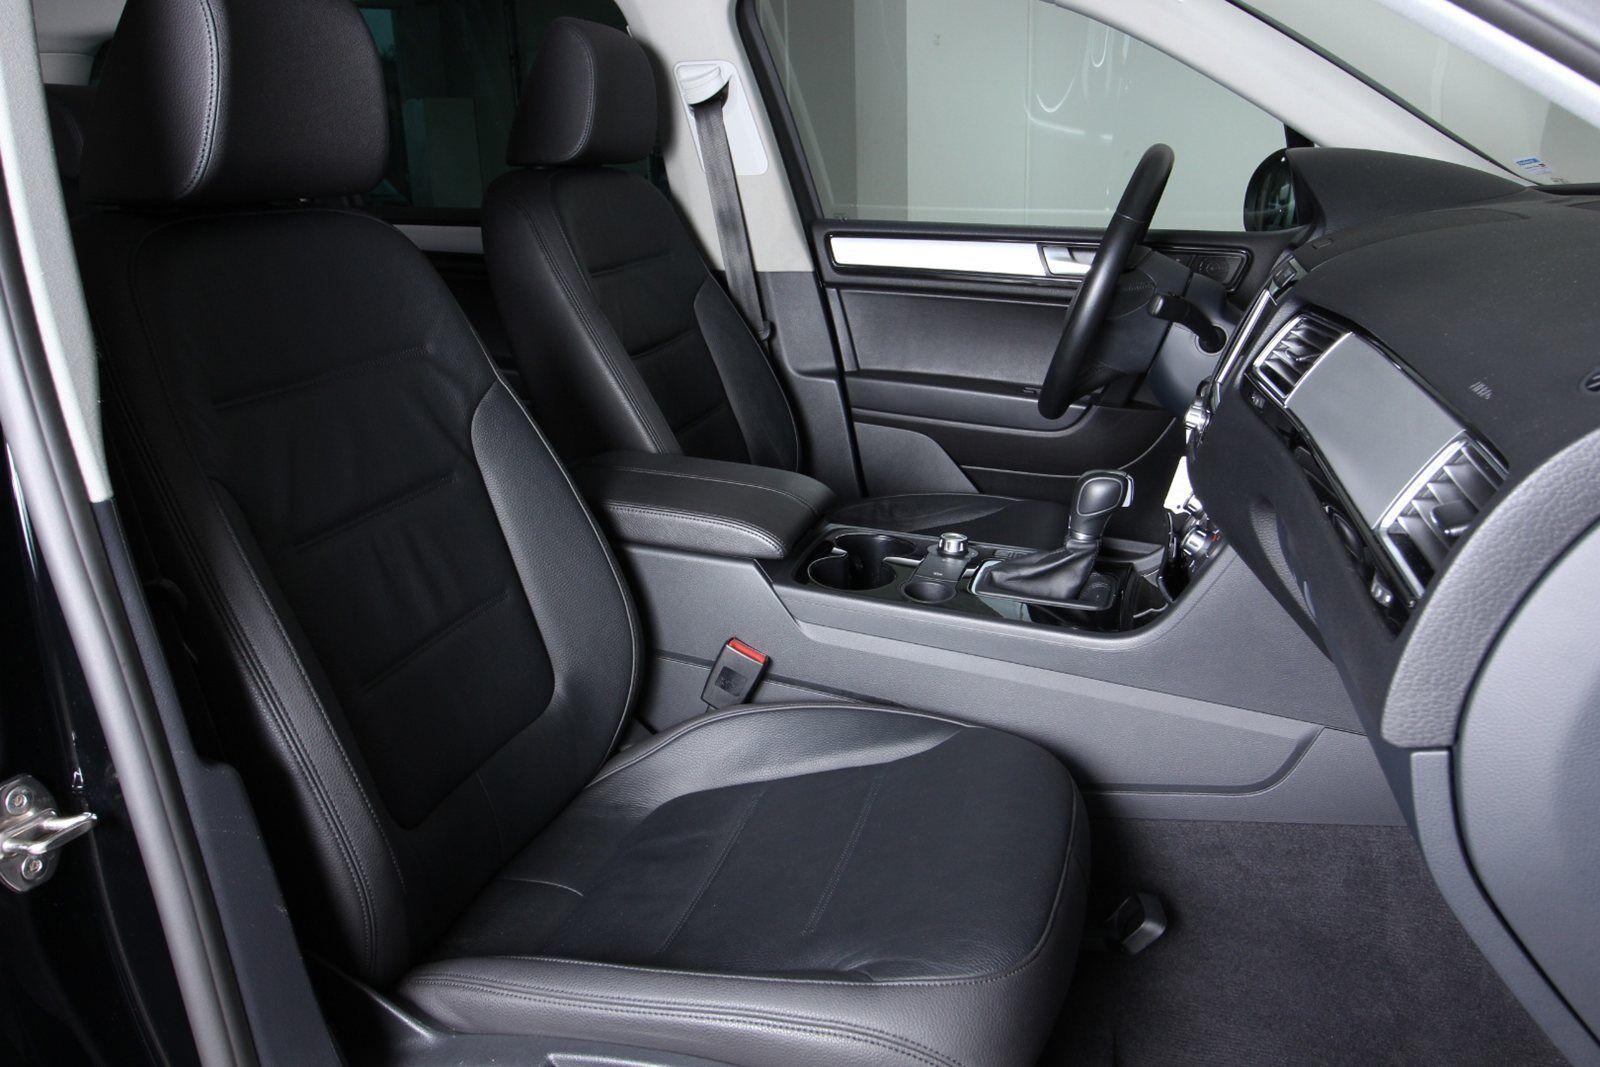 VW Touareg V6 TDi 204 Tiptr. 4M Van